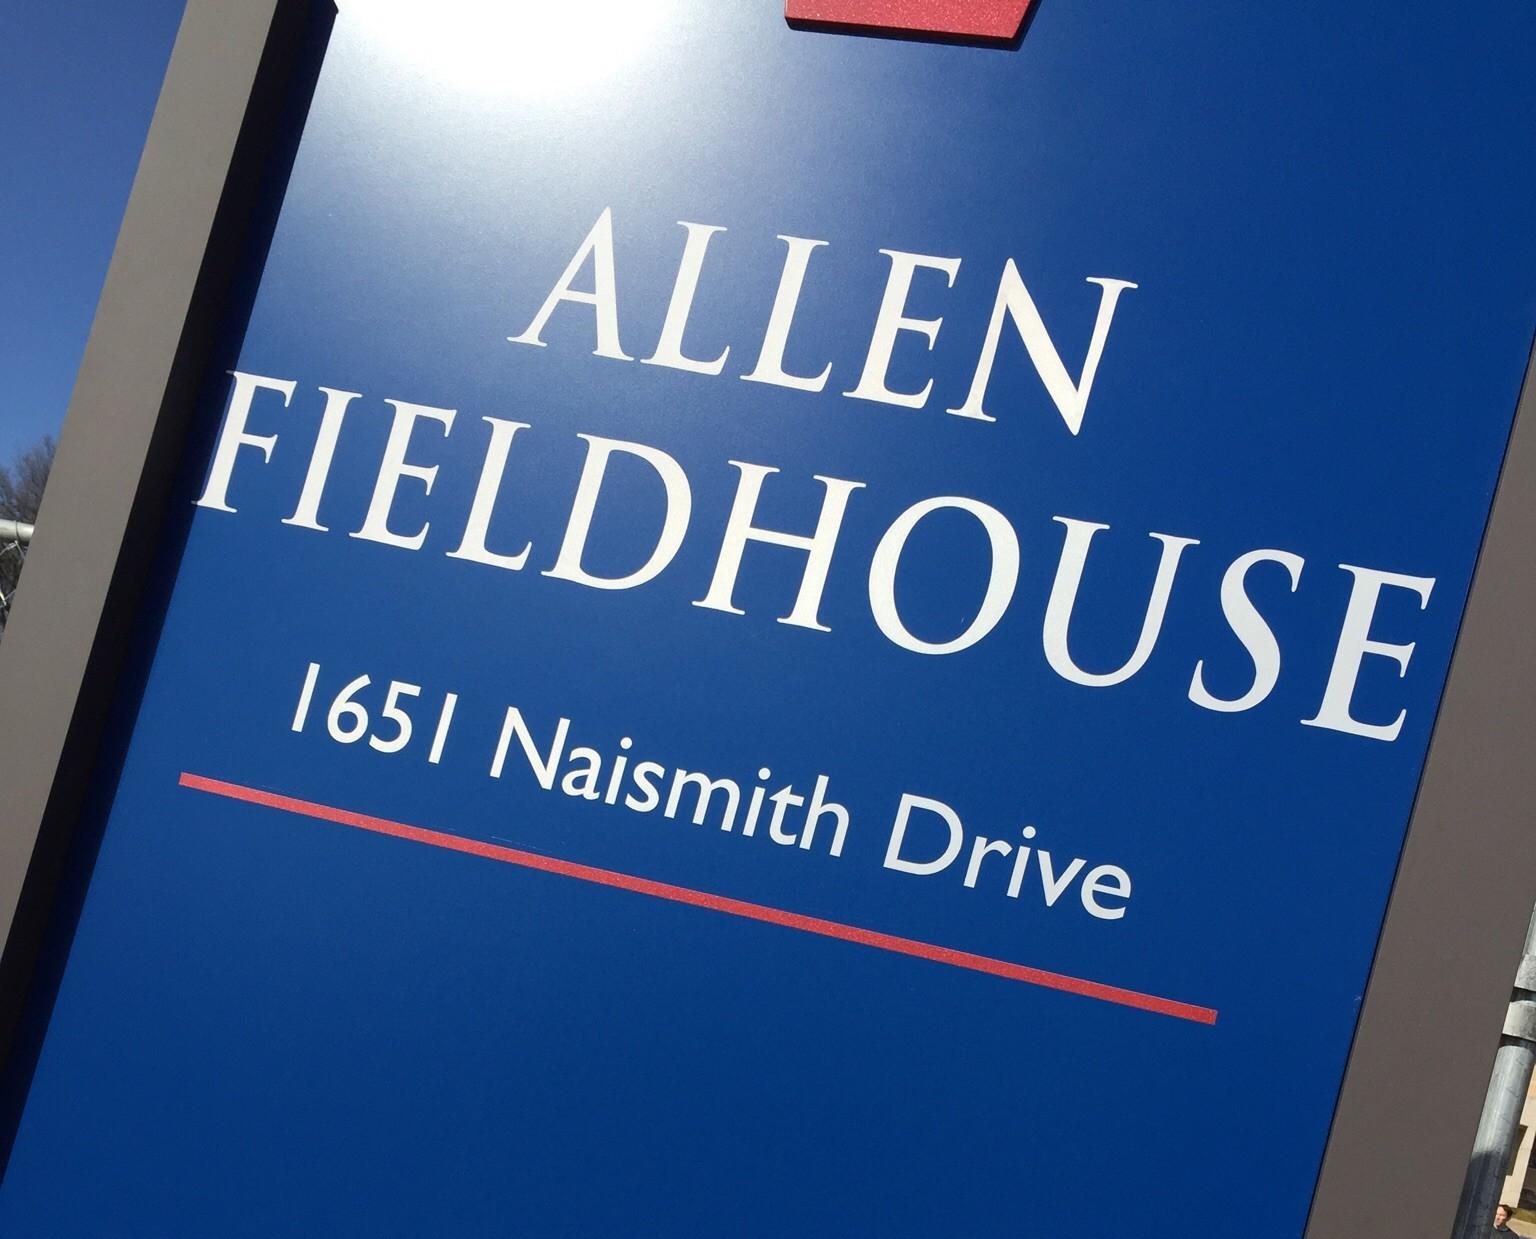 AFH; Naismith Drive. Photo by Ryan Landreth